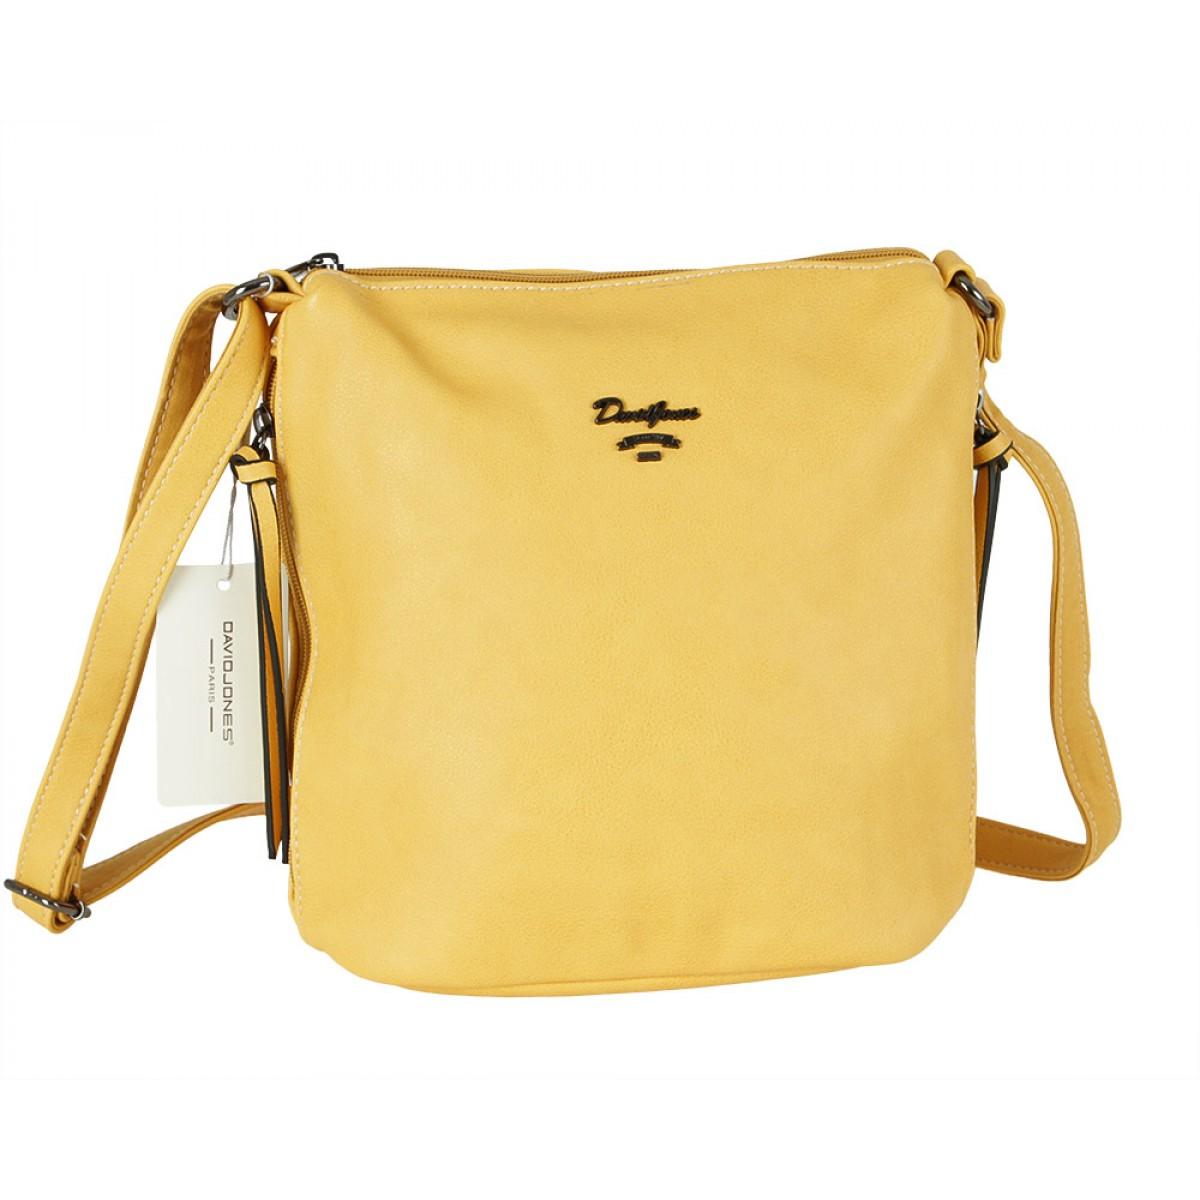 Жіноча сумка David Jones 6202-1A YELLOW